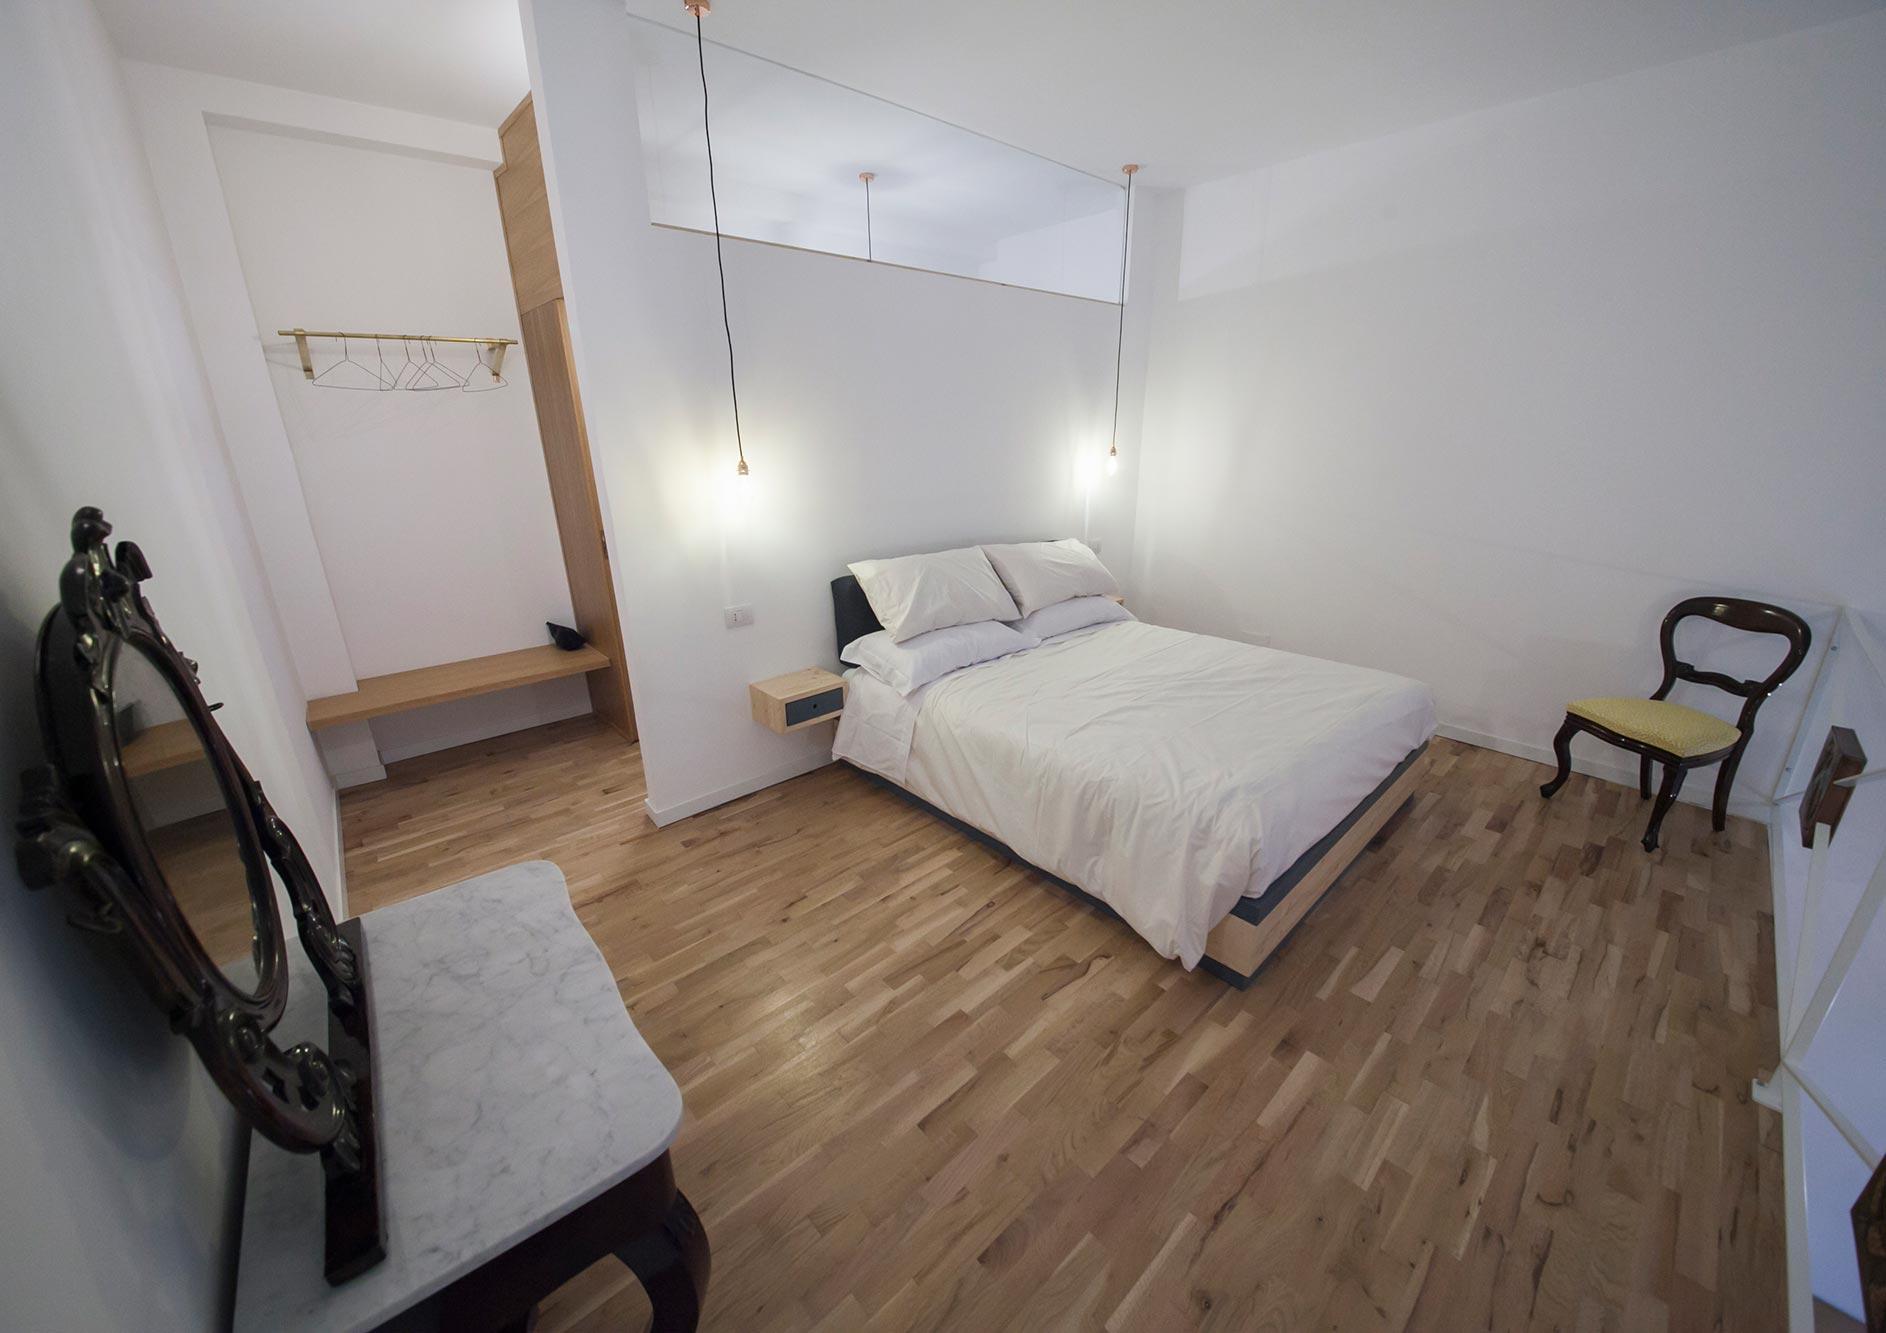 Camera spaziosa di 45 mq. Ottimo per una famiglia